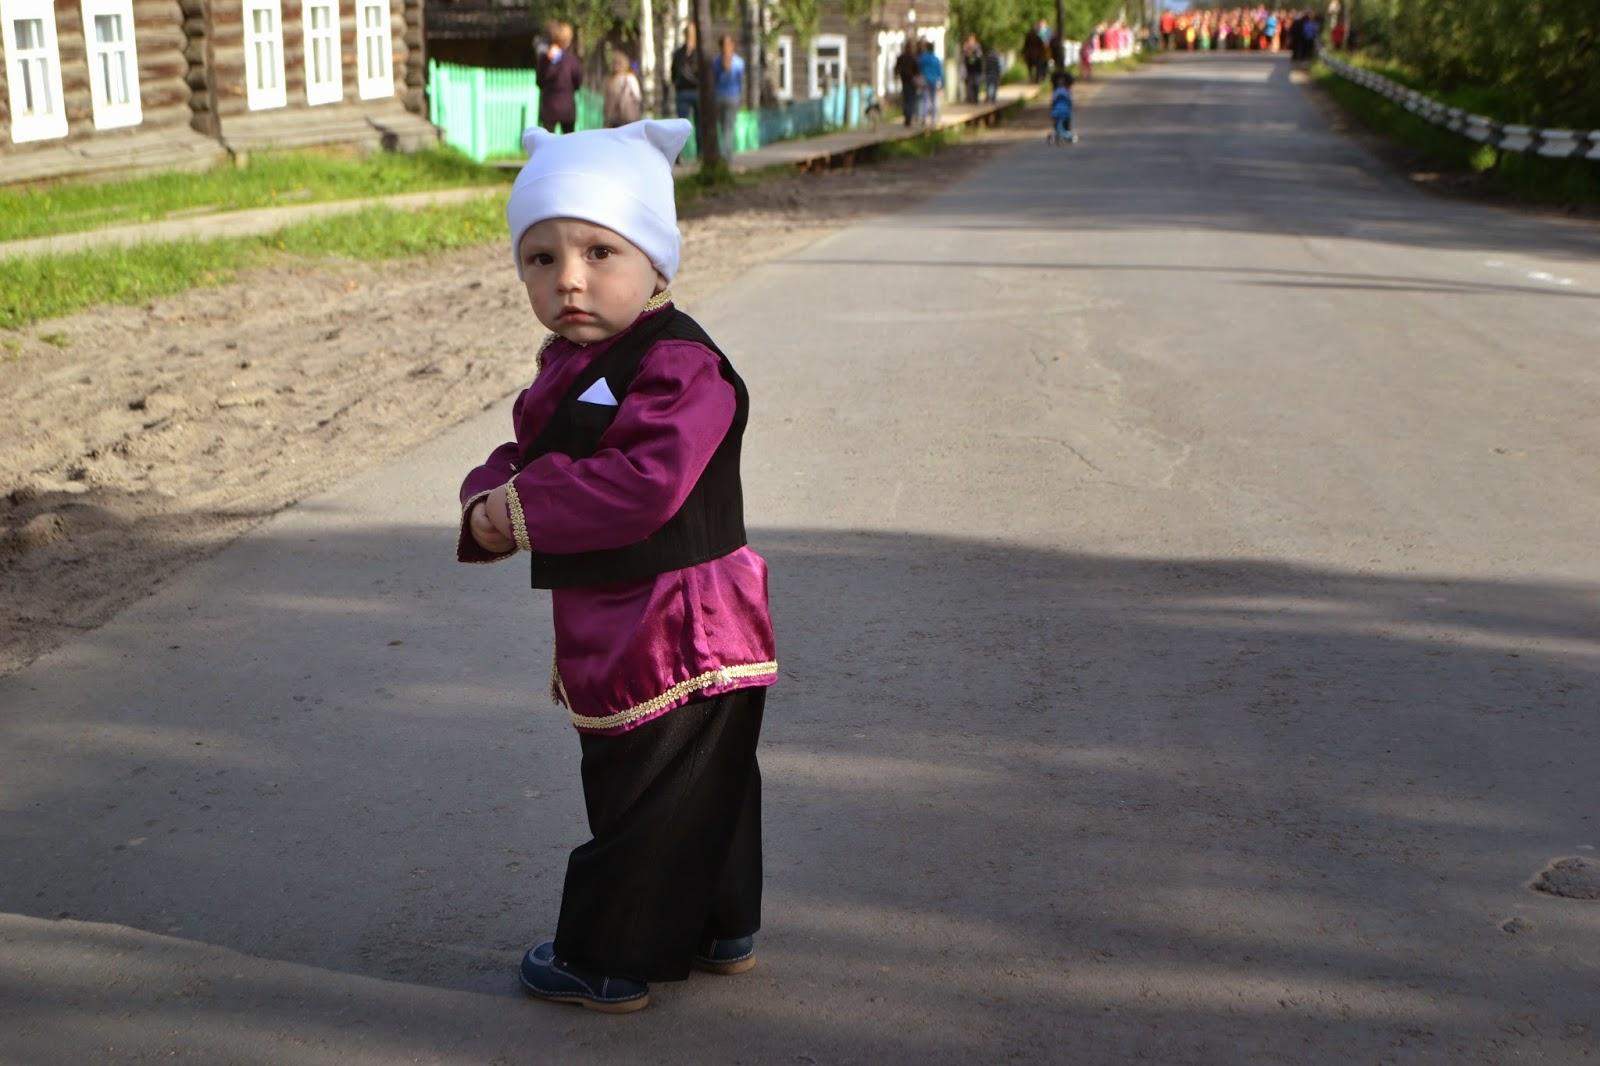 Русское порно матери с родным сыном смотреть онлайн порно видео, бесплатно Инцест на PERDOS.PRO